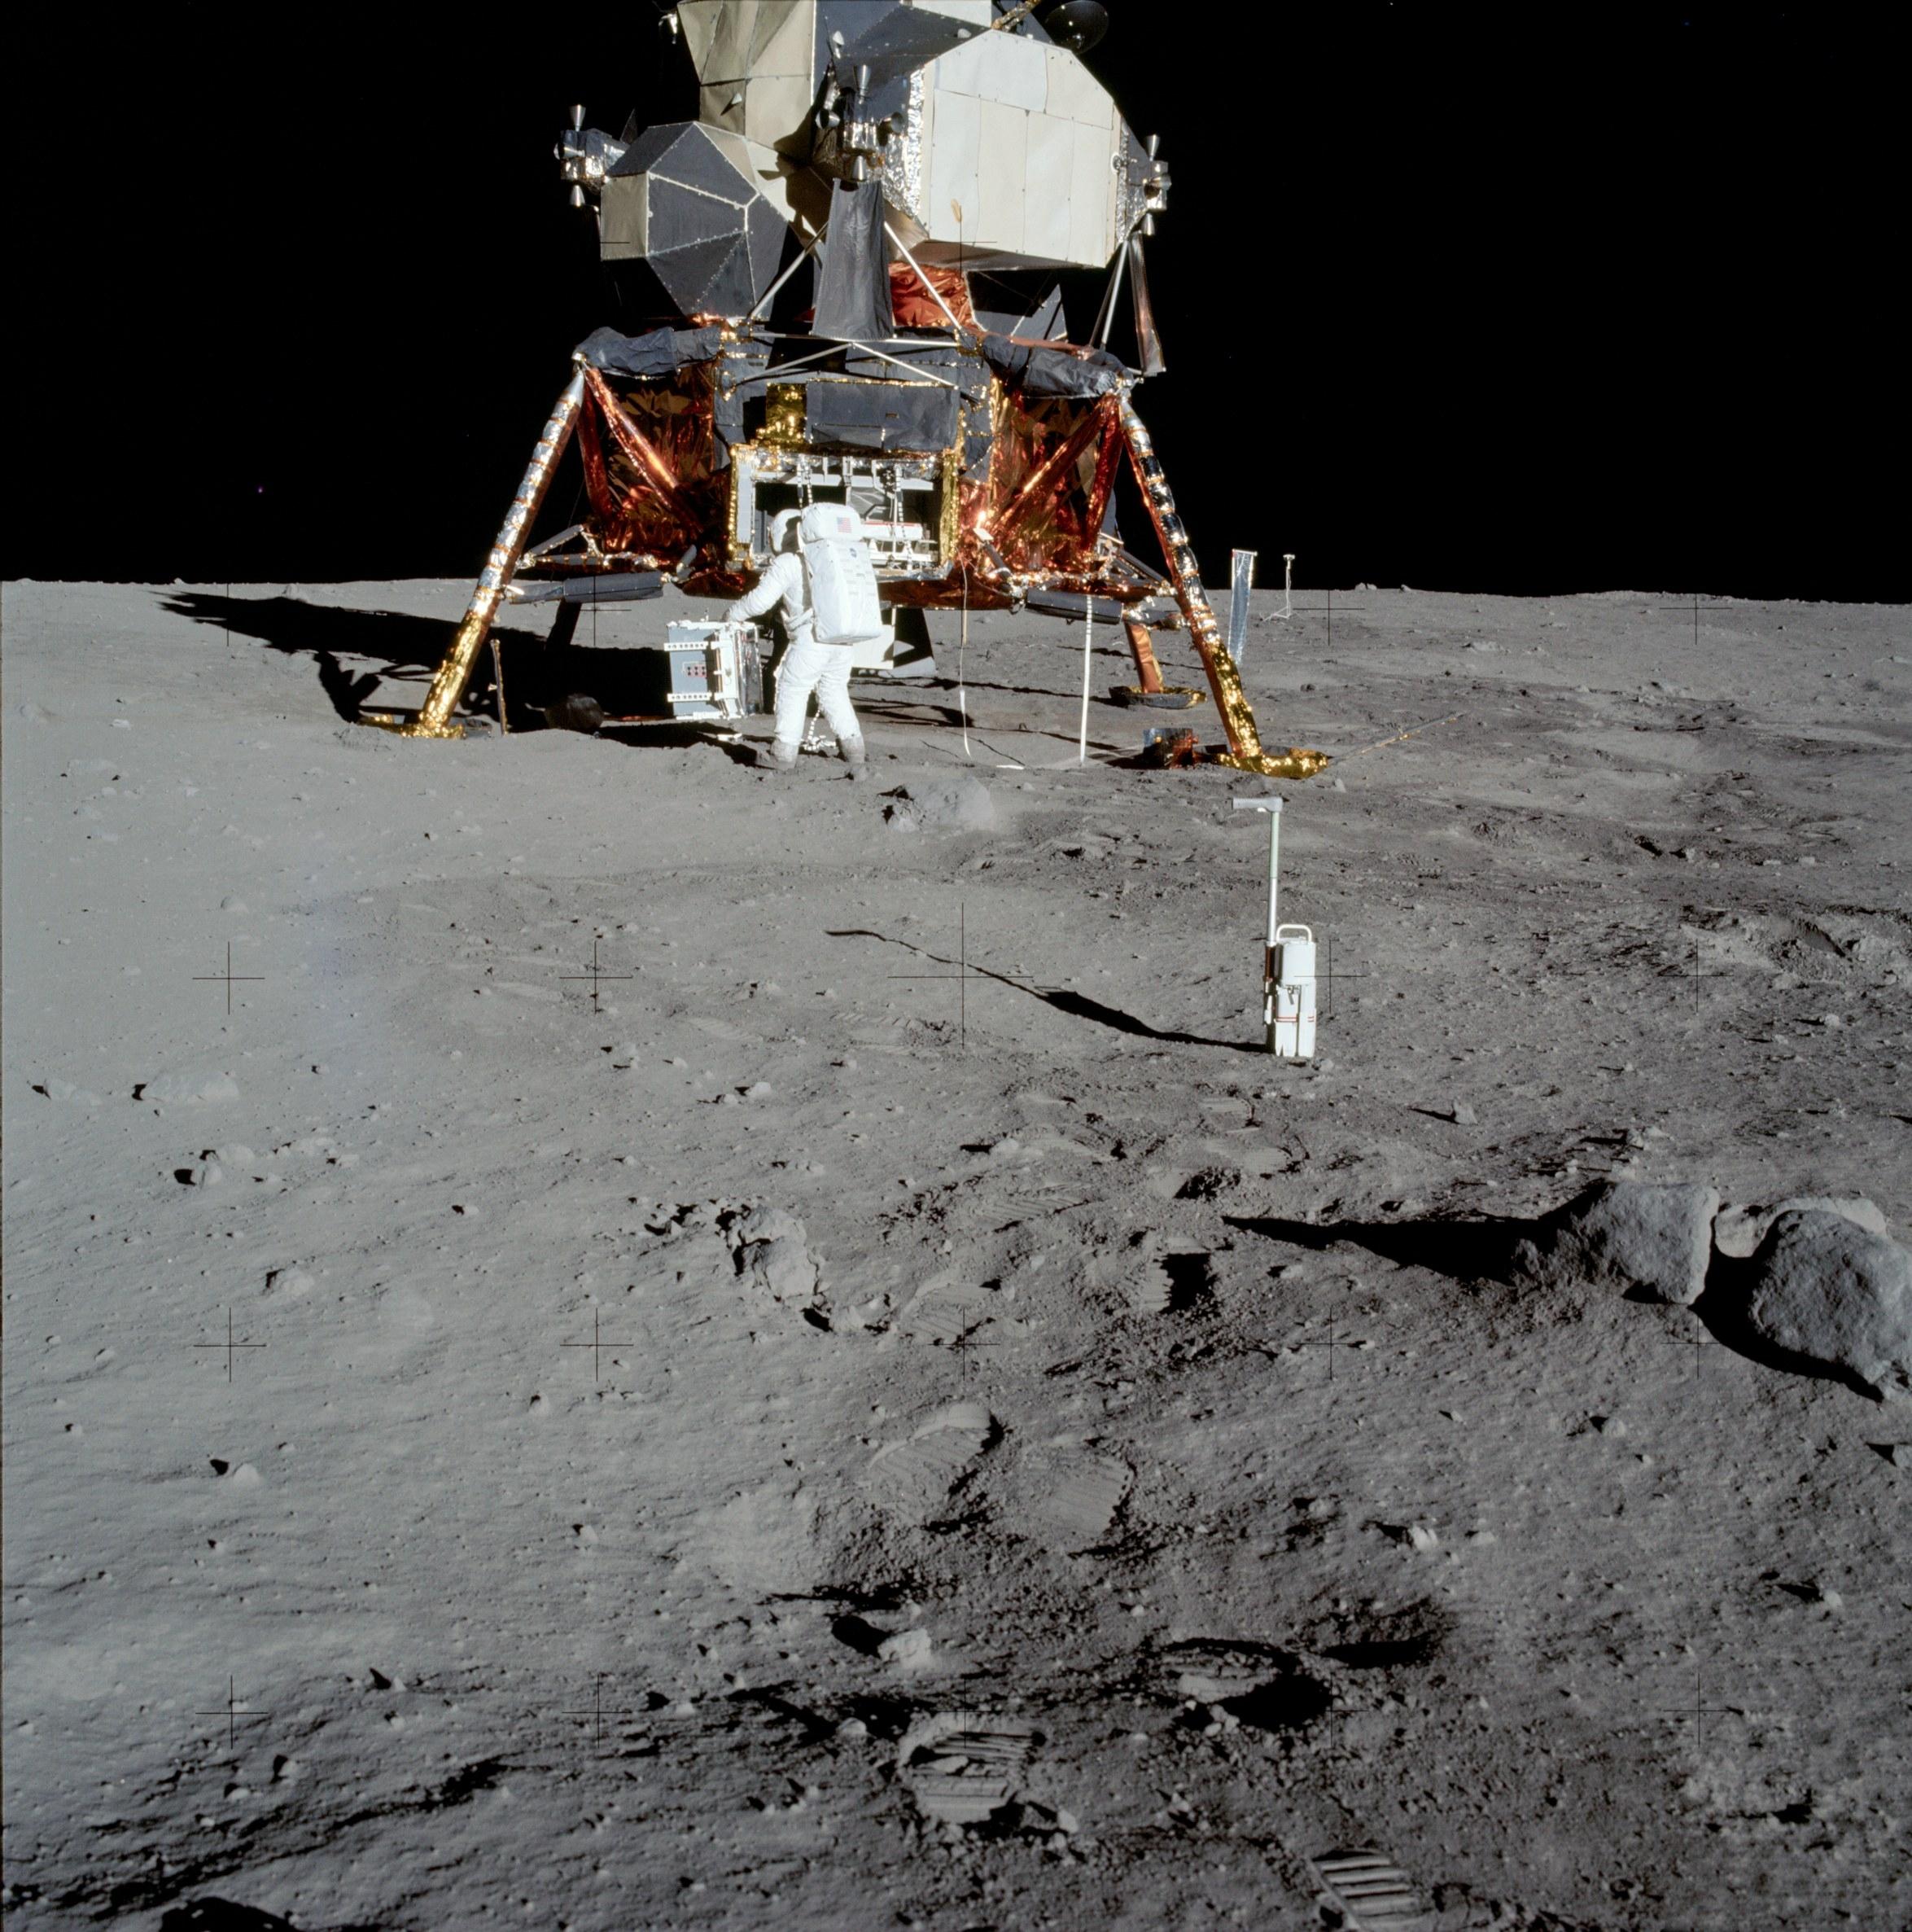 L'astronaute Buzz Aldrin descendant les marches du module lunaire.